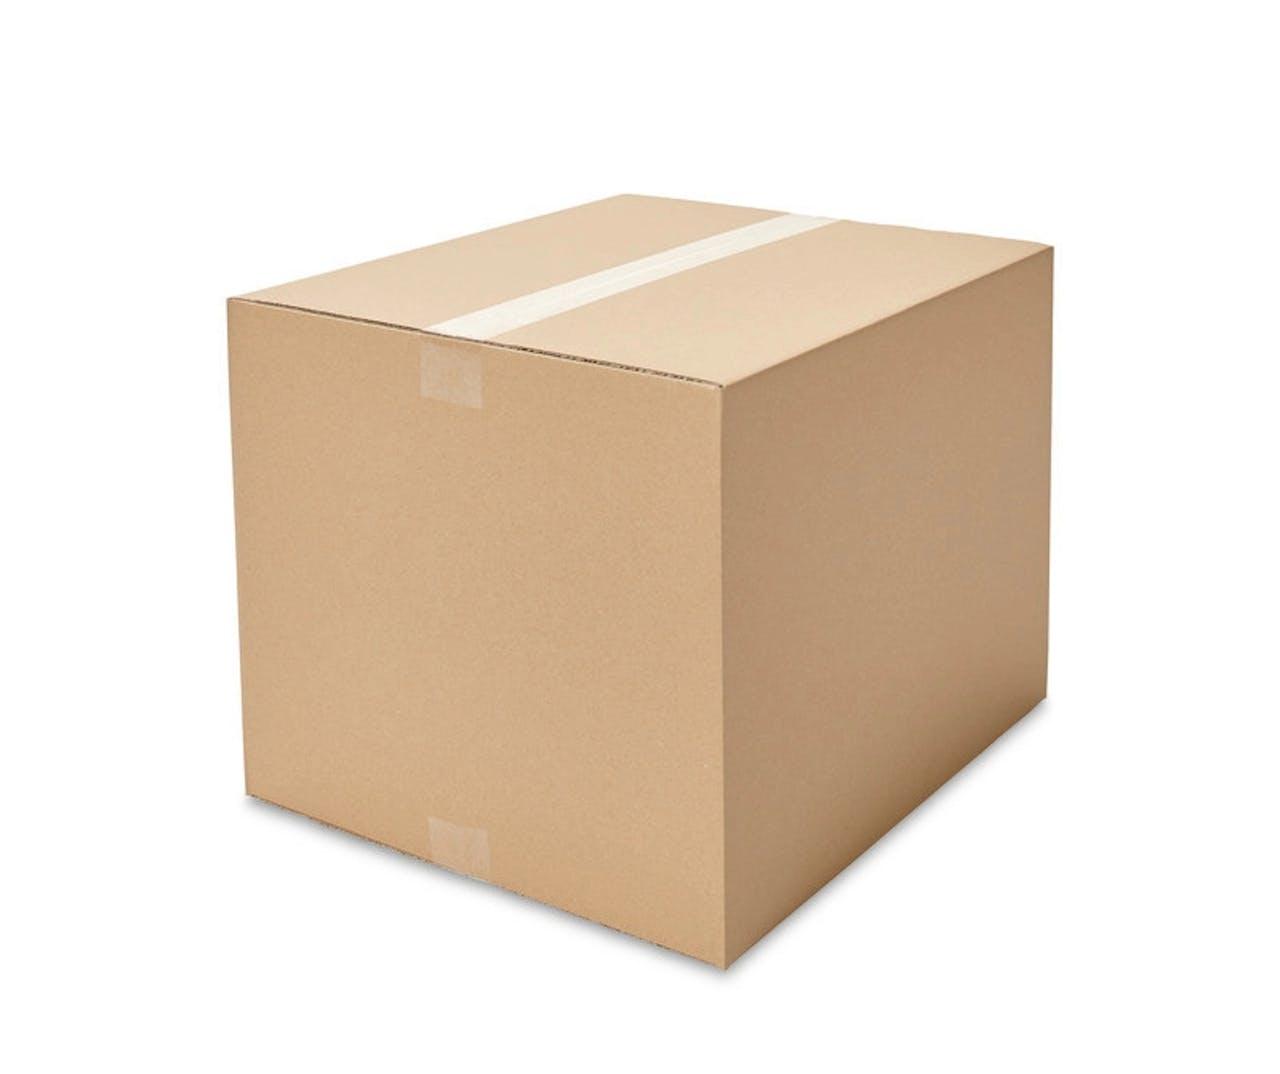 Caisses pliantes carton ondulé ECONOMY, 400à 449mm de longueur, Var: ekz106